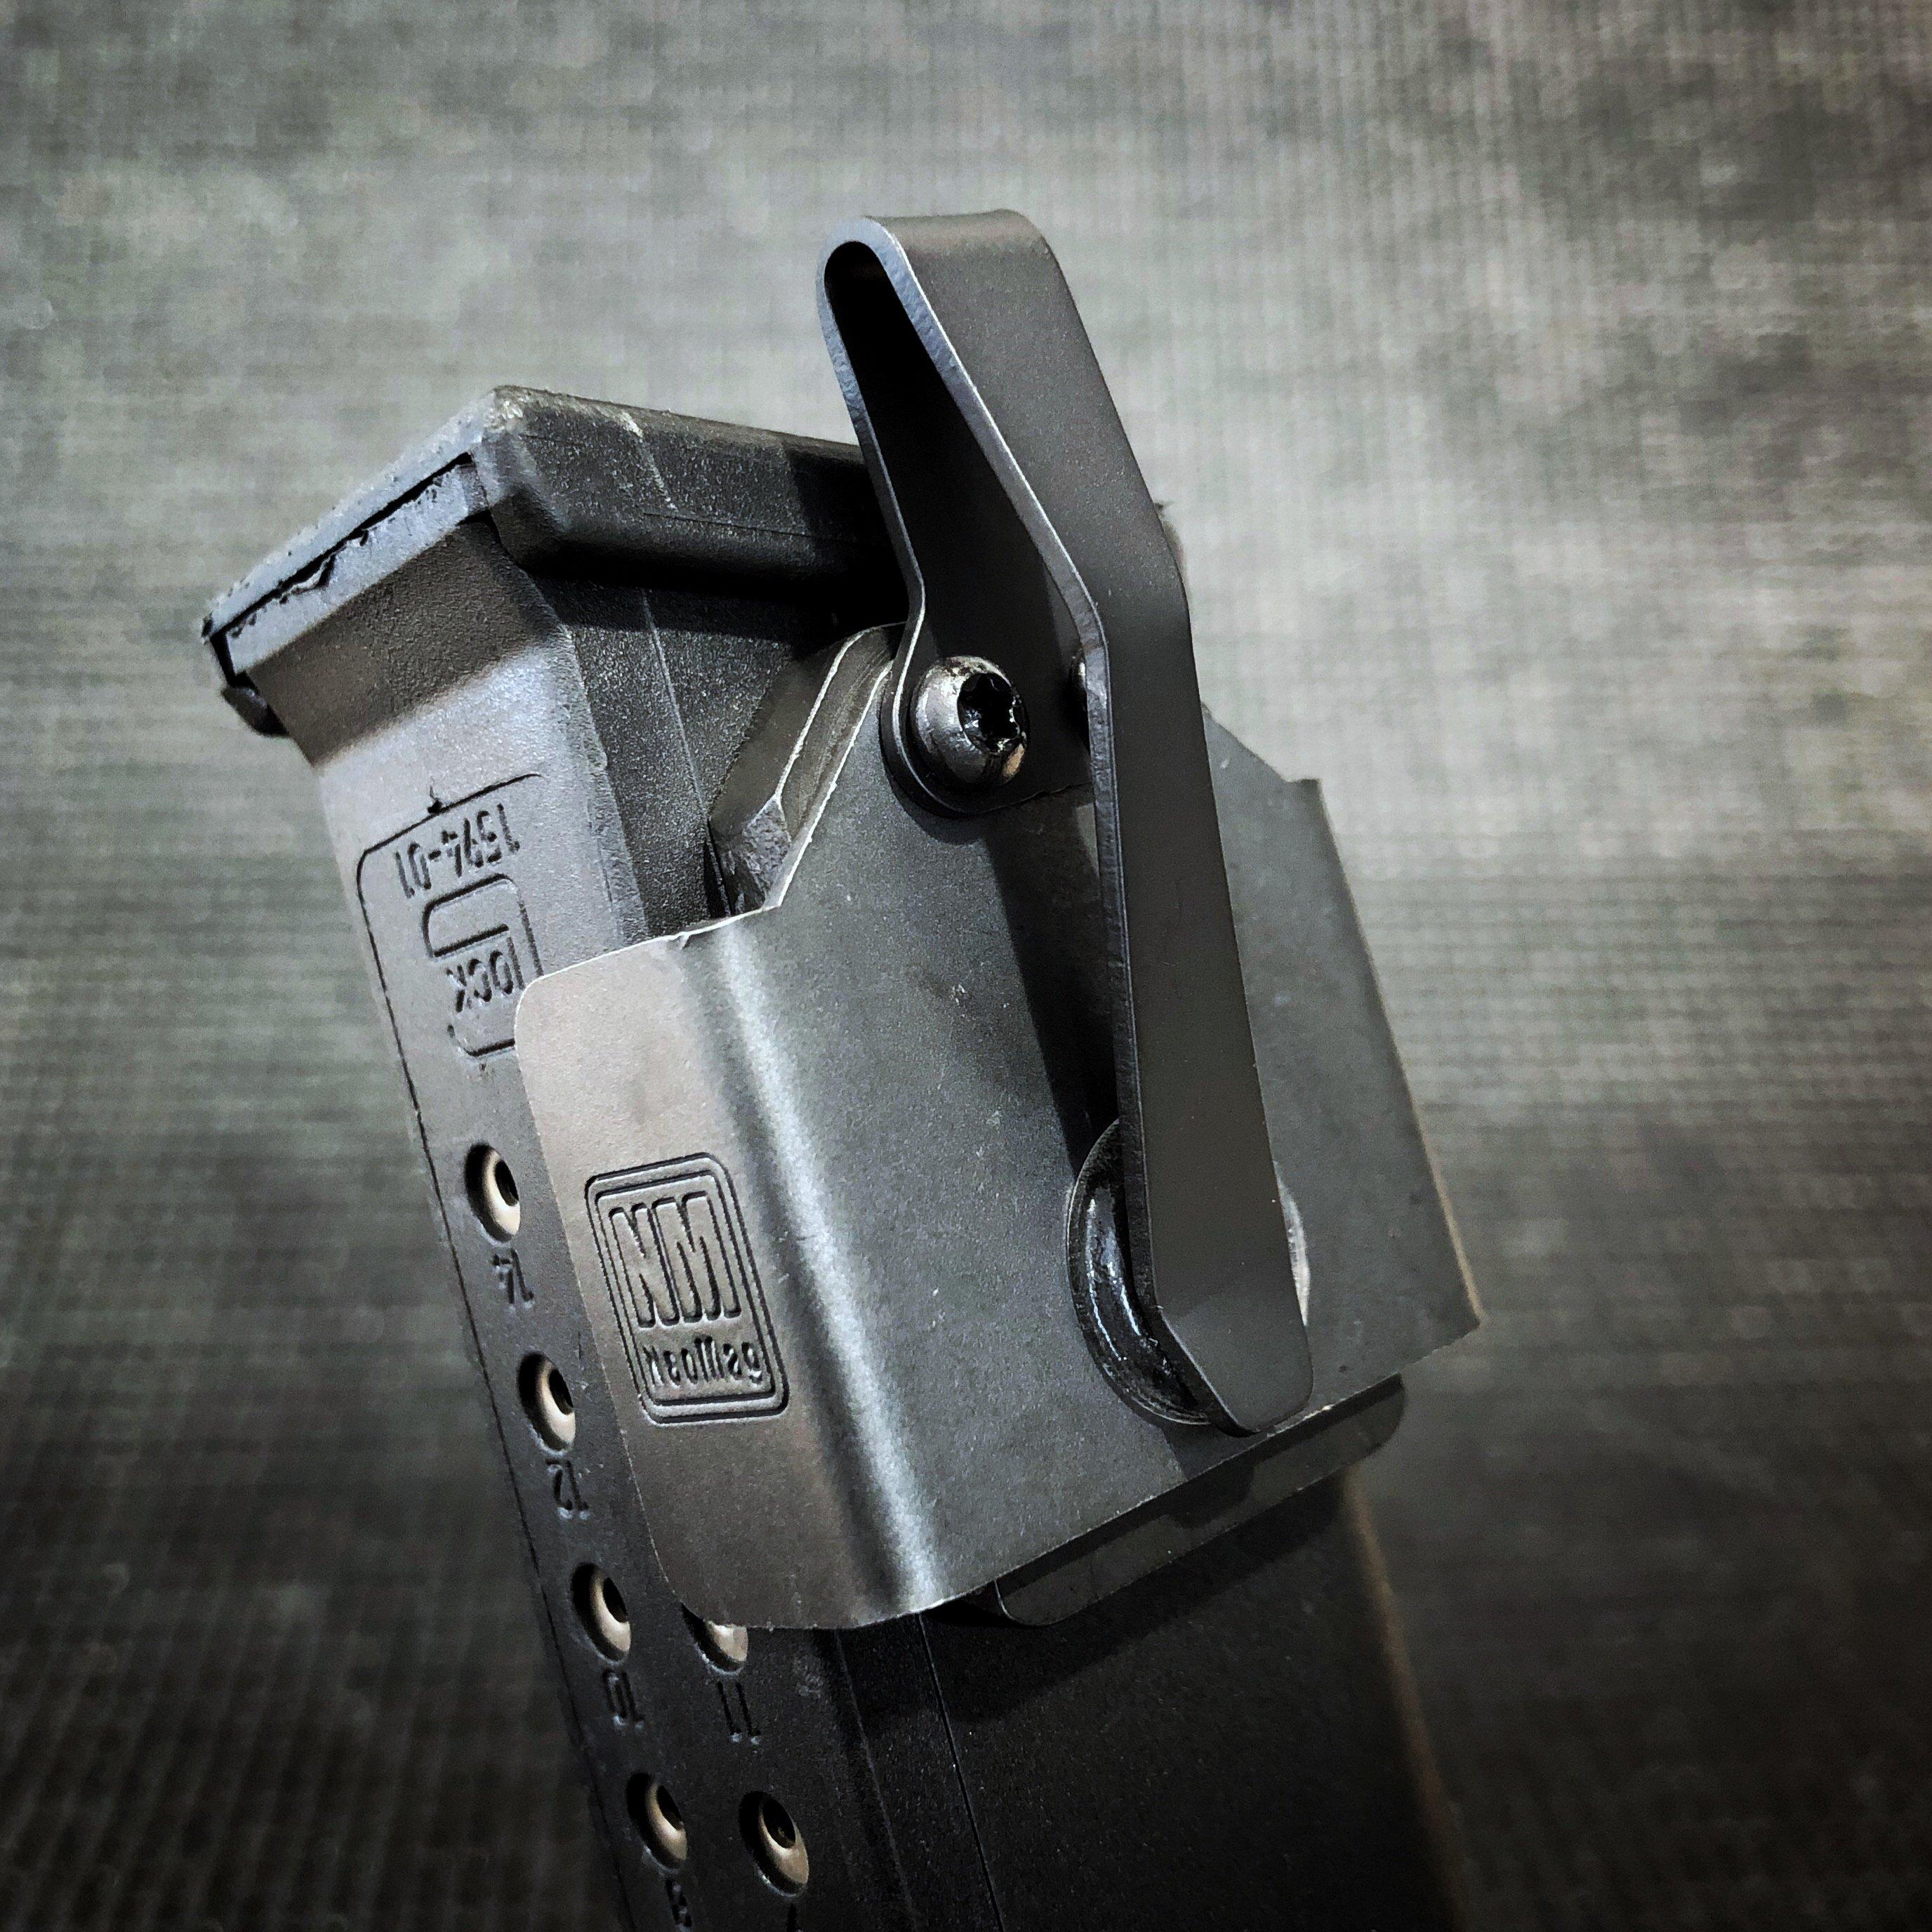 NeoMag: Black Clip